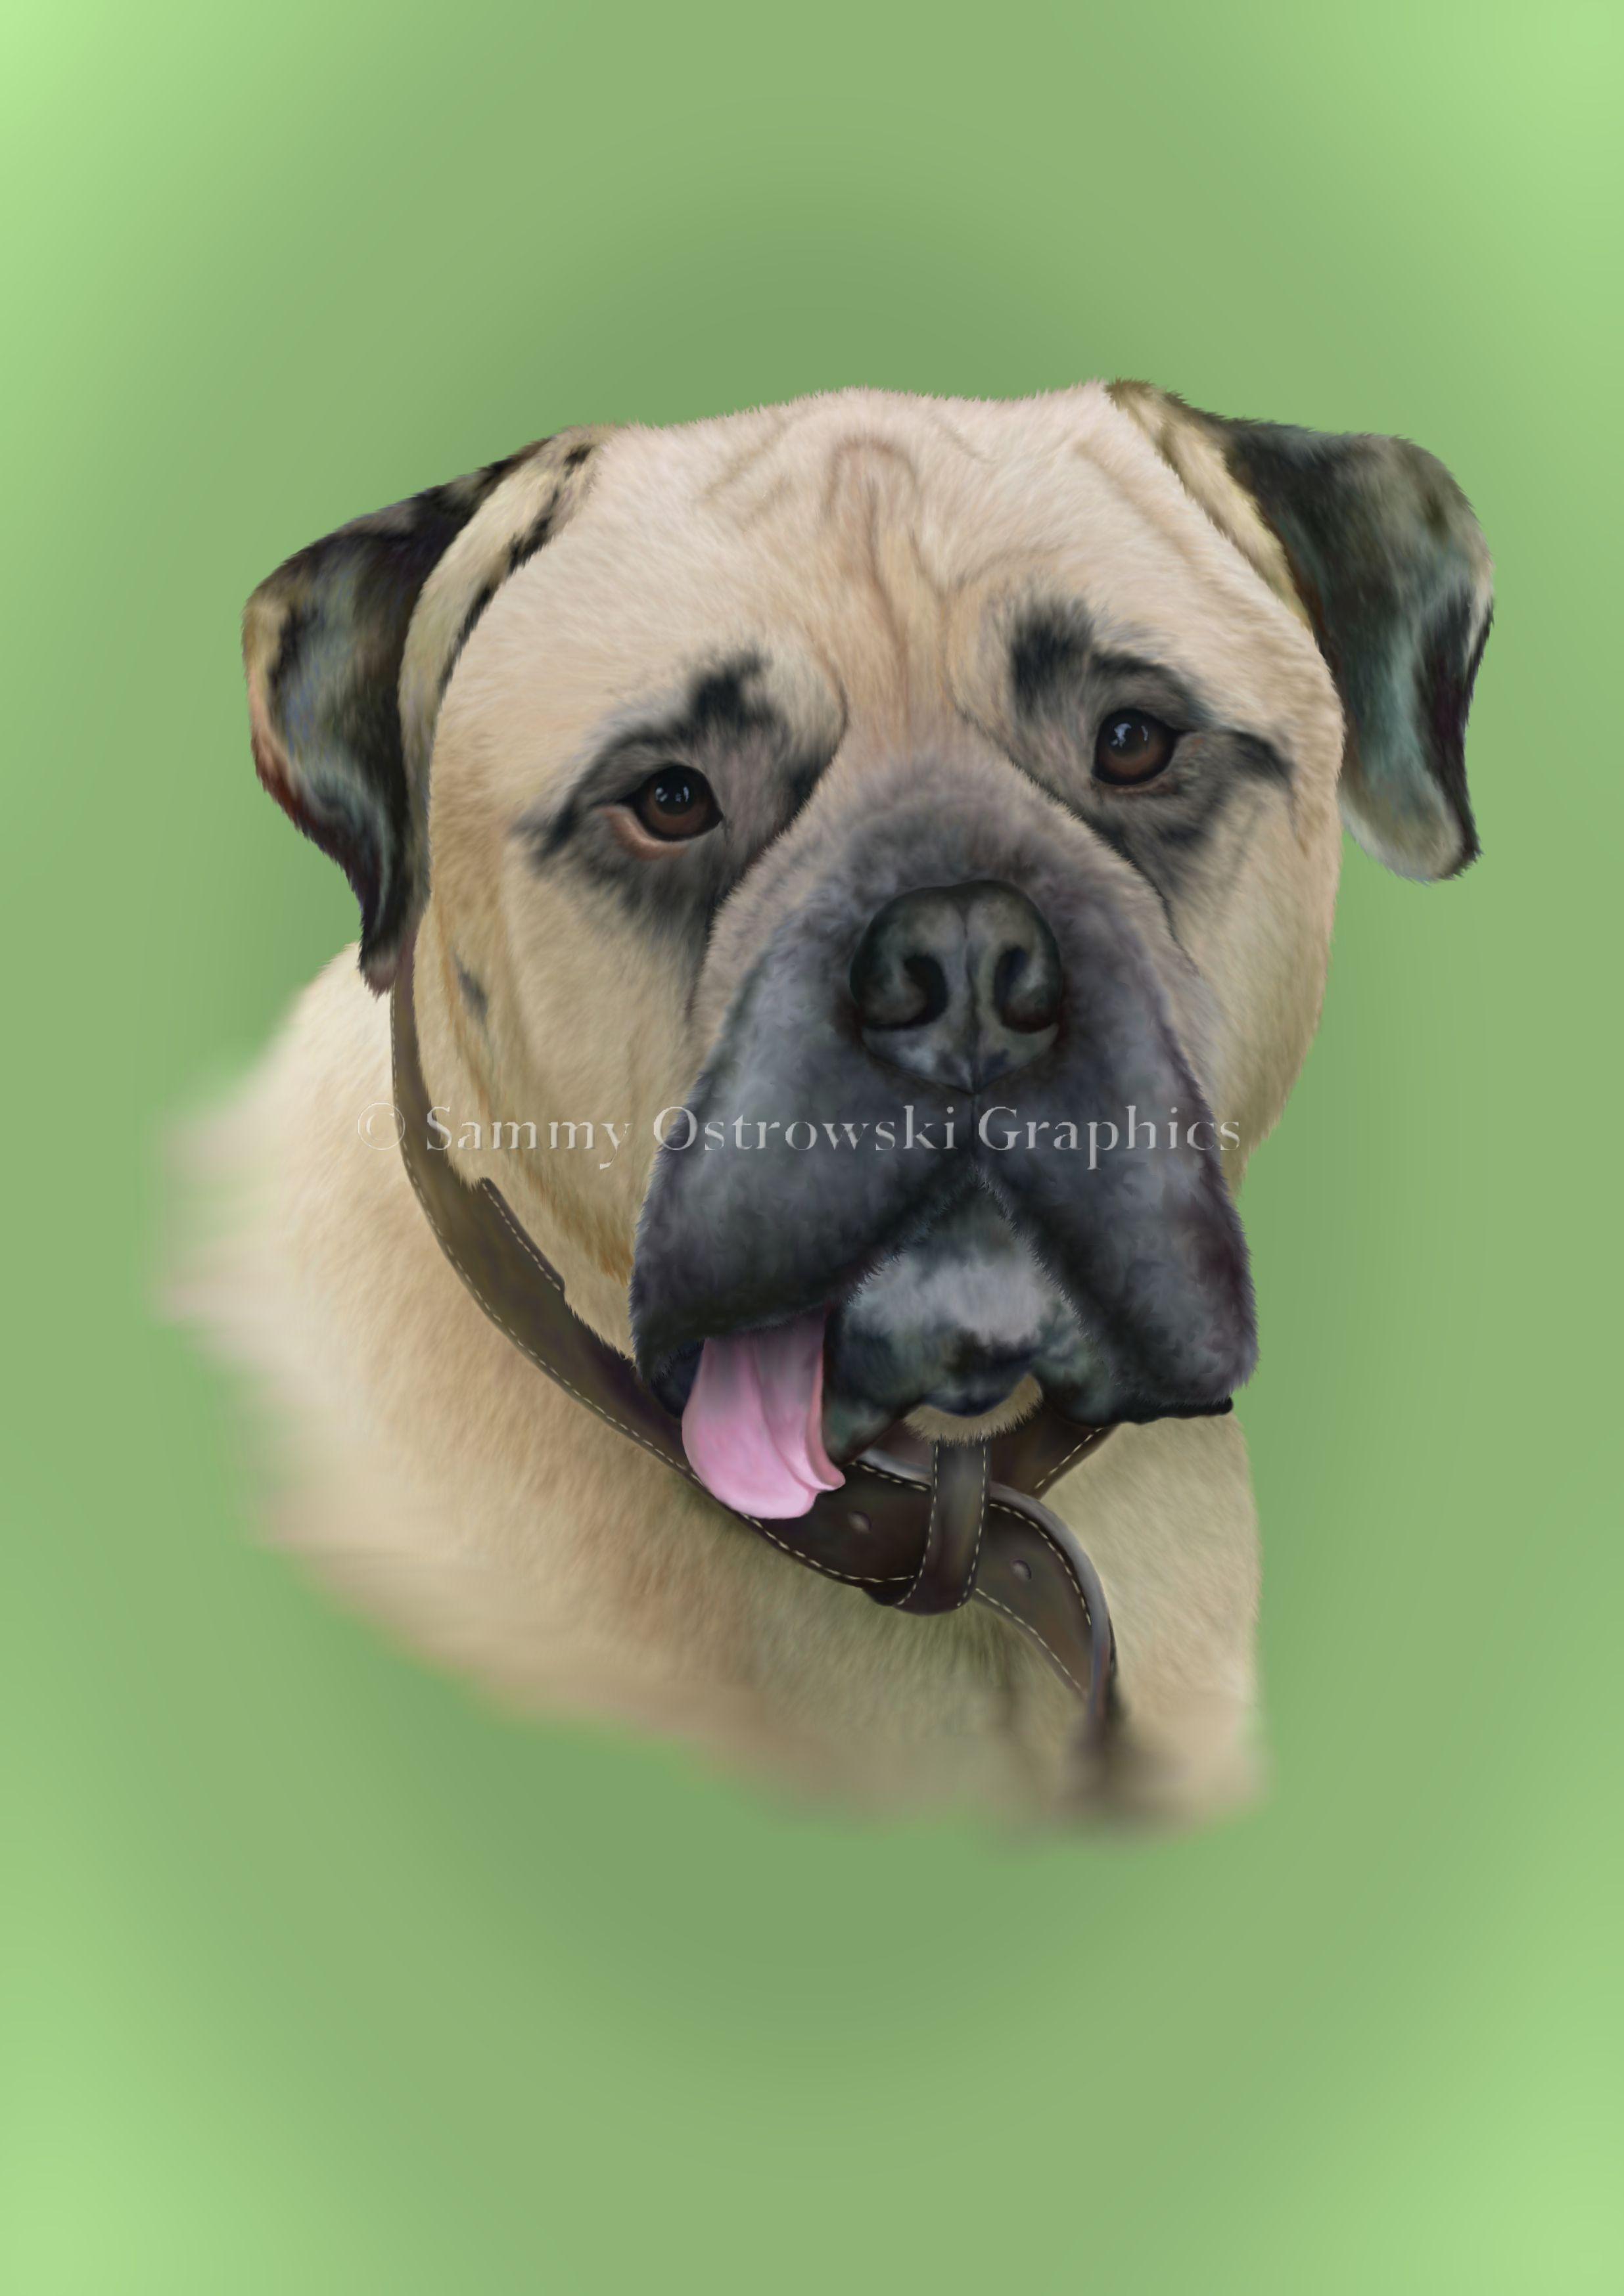 Sabre- English Bull Mastiff. Digital Illustration.